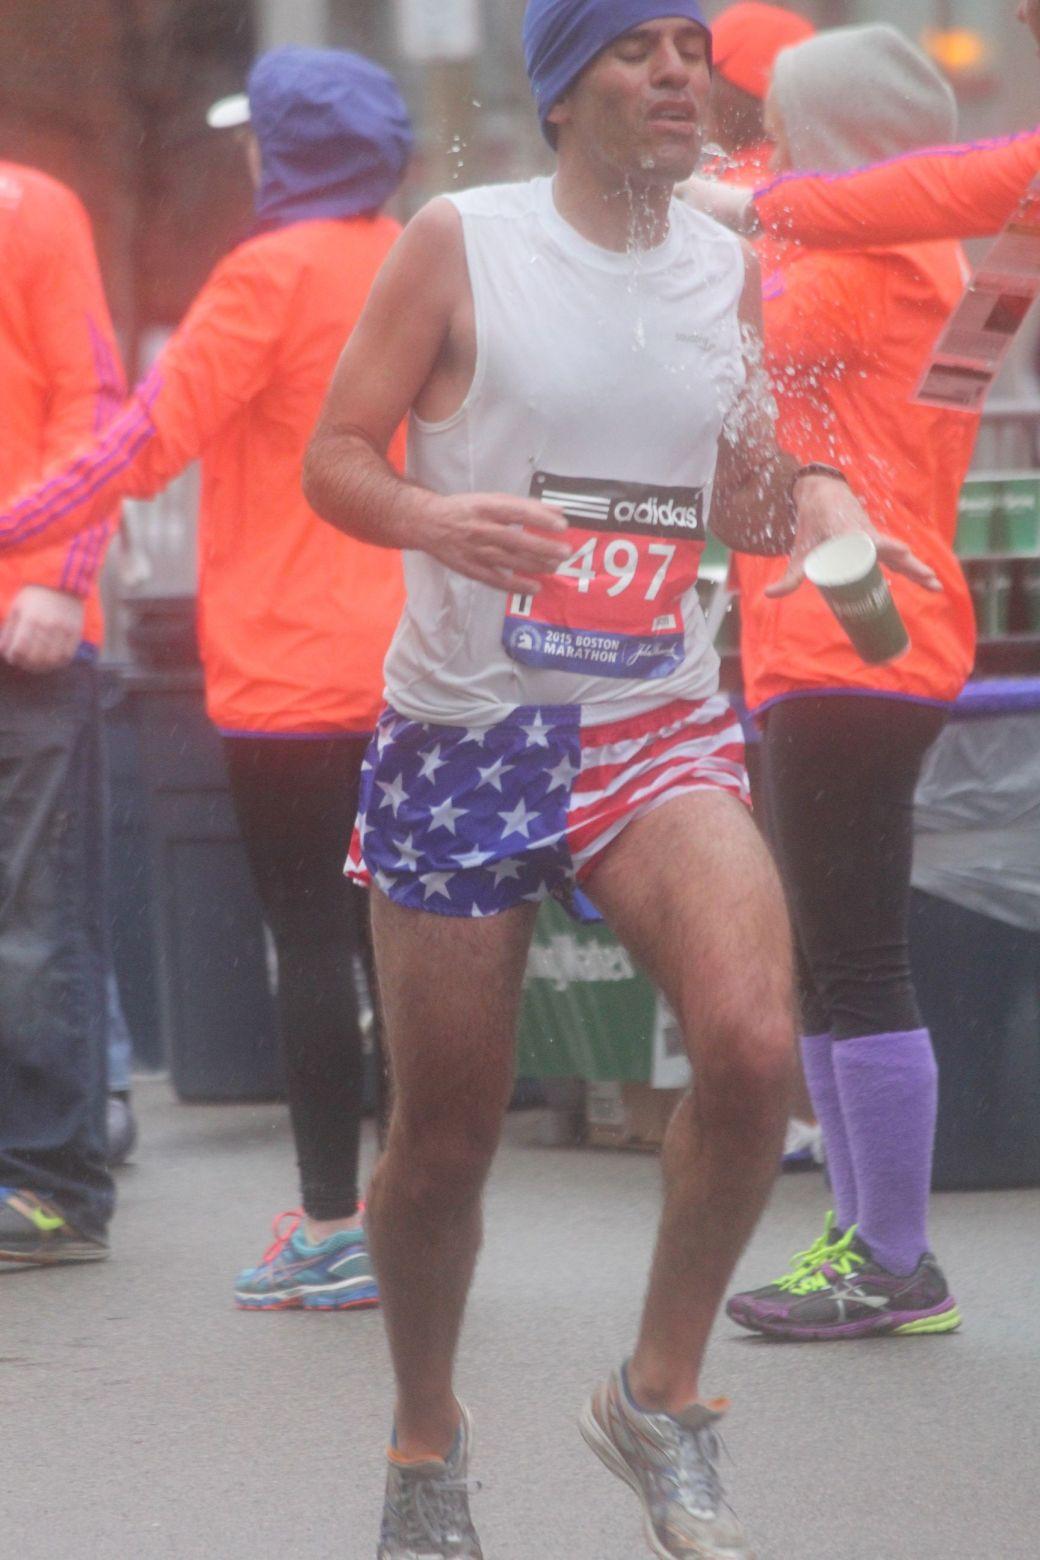 boston marathon april 20 2015 racer number 497 dropping water